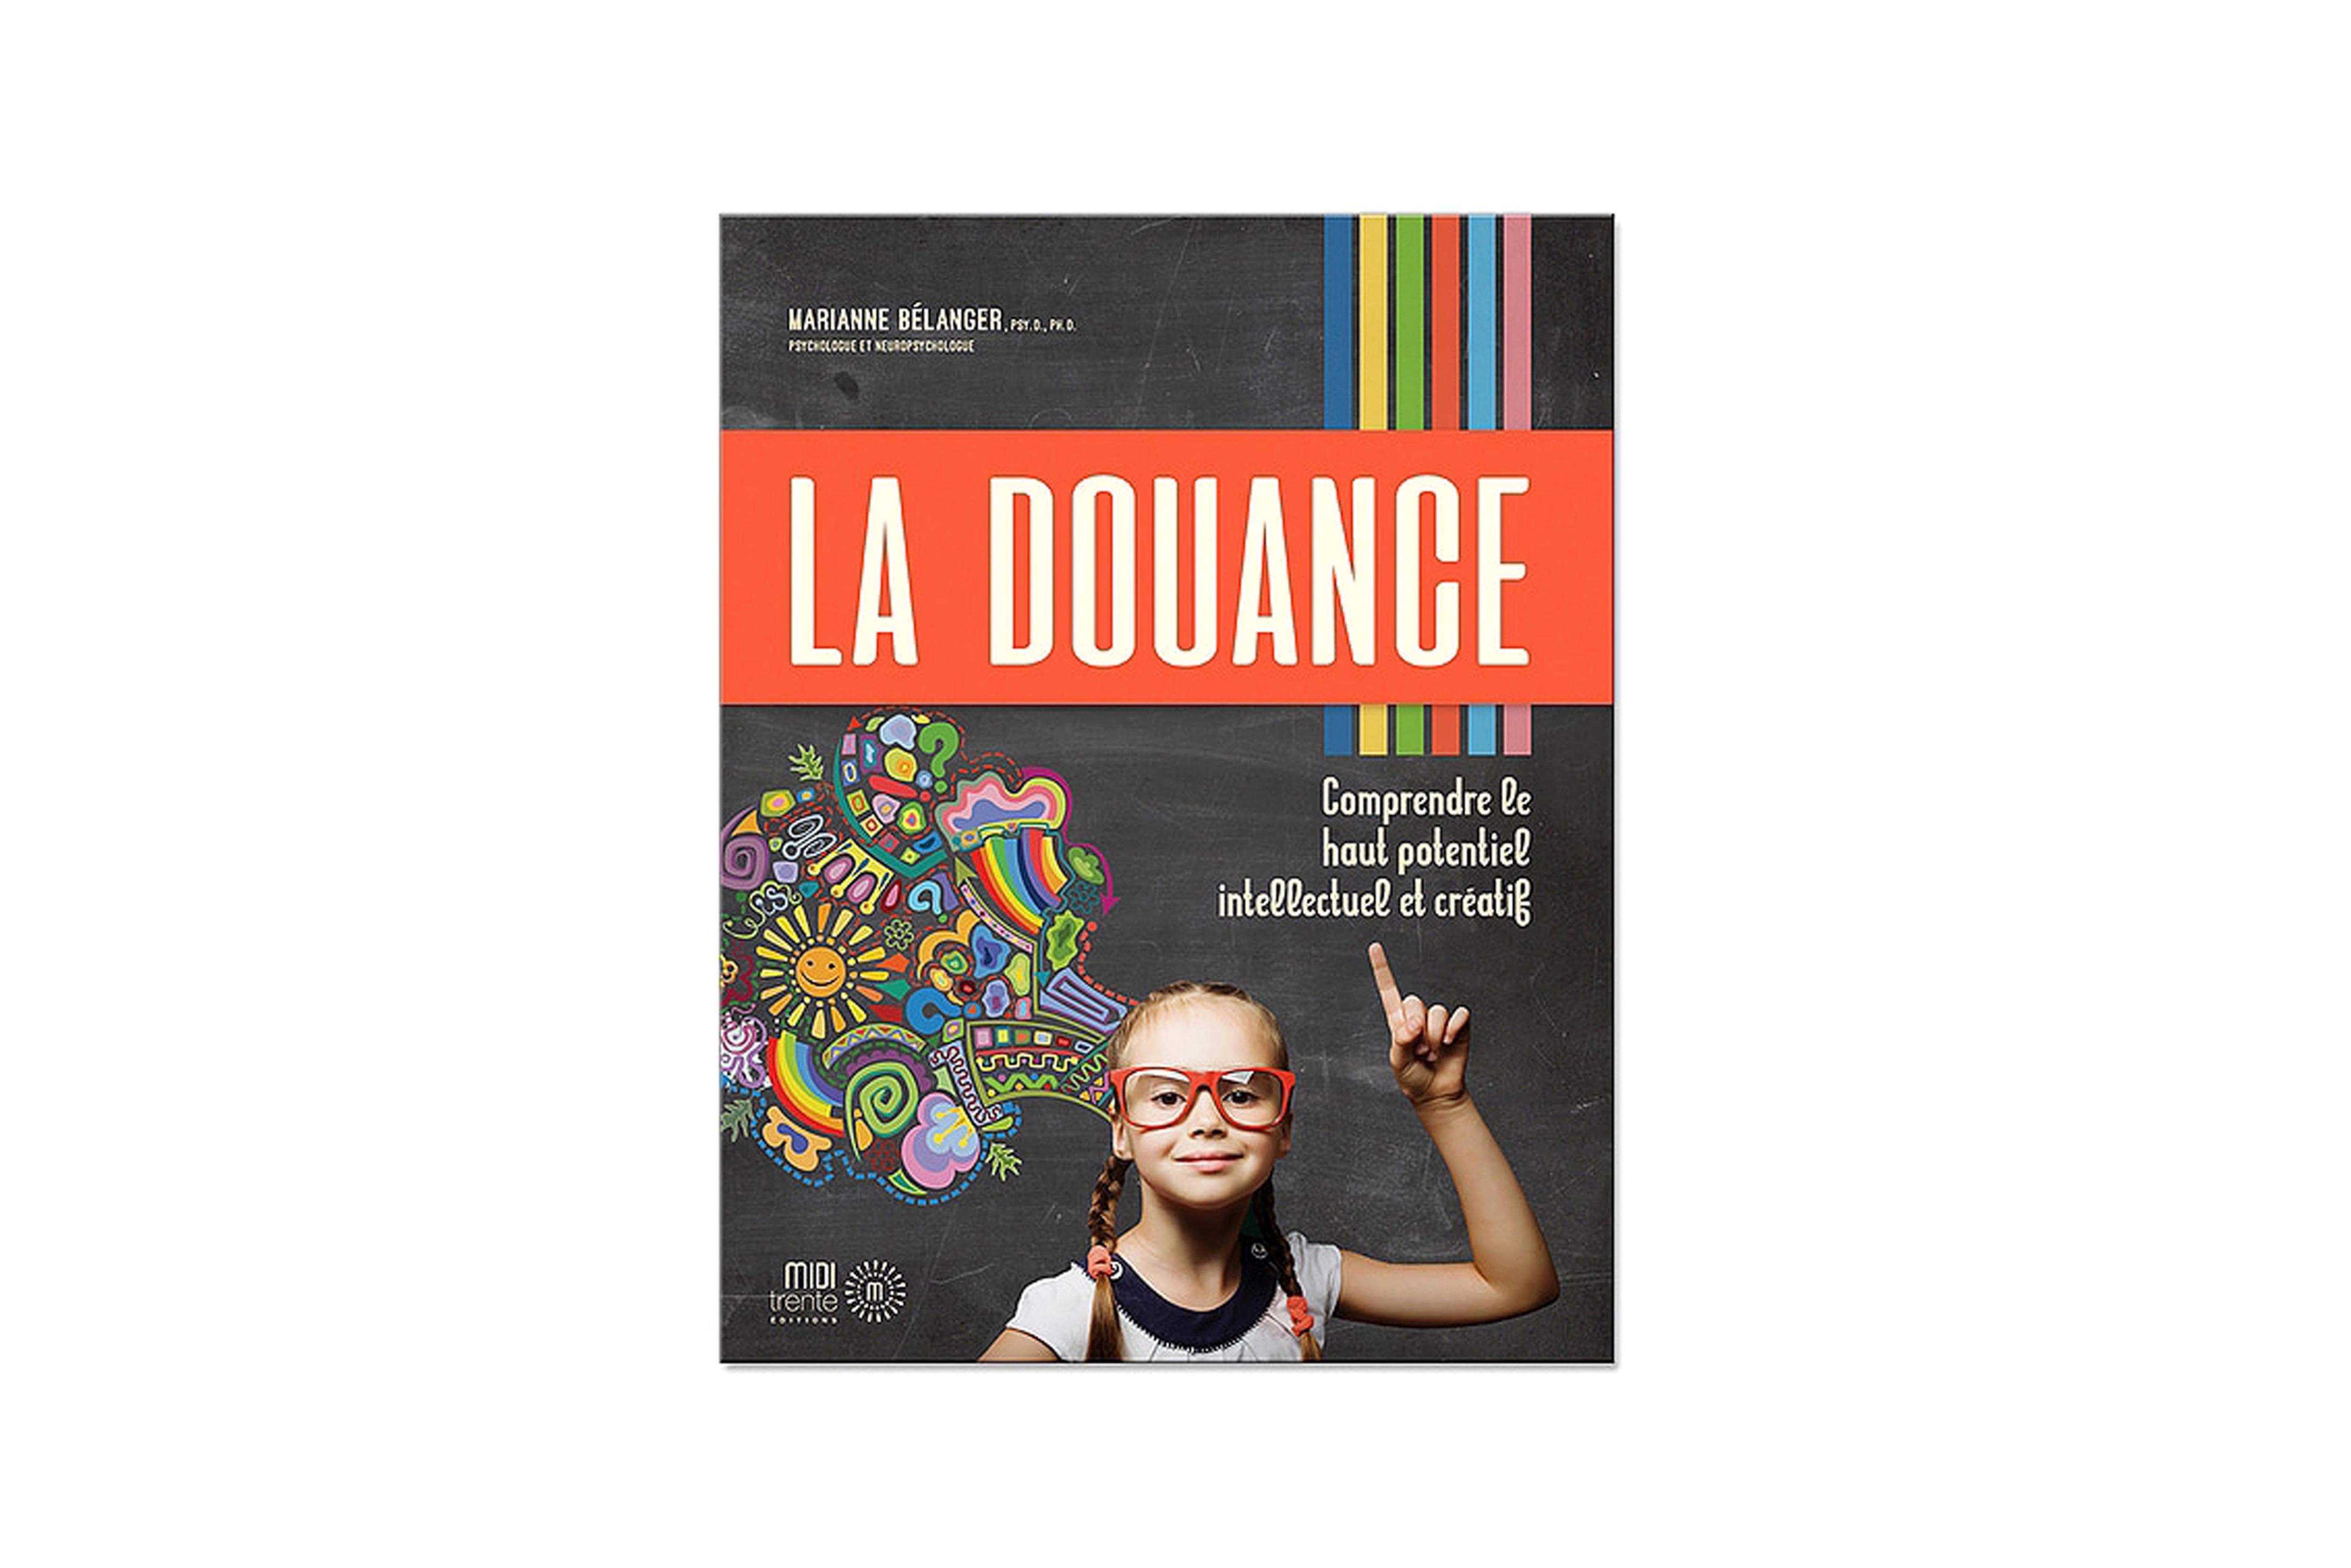 Une jeune fille porte des lunettes et lève un doigt en l'air.